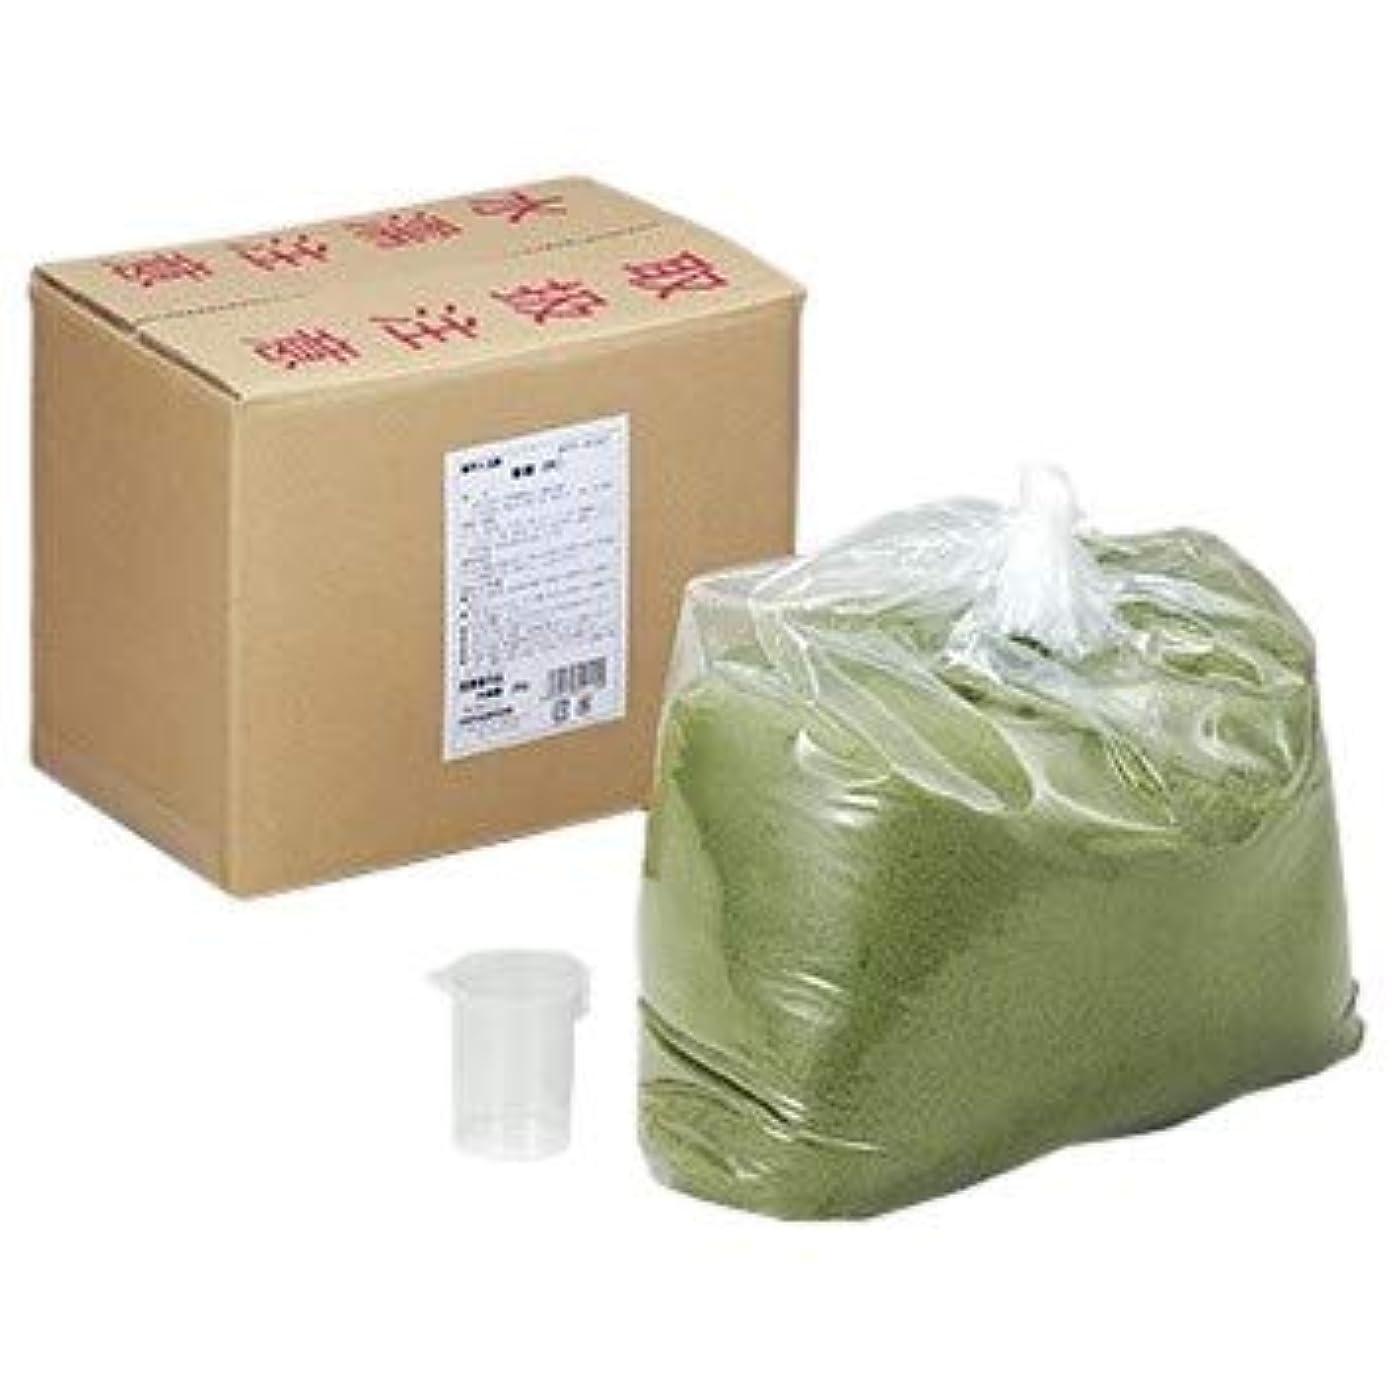 事務所純粋な不調和新緑 業務用 20kg 入浴剤 医薬部外品